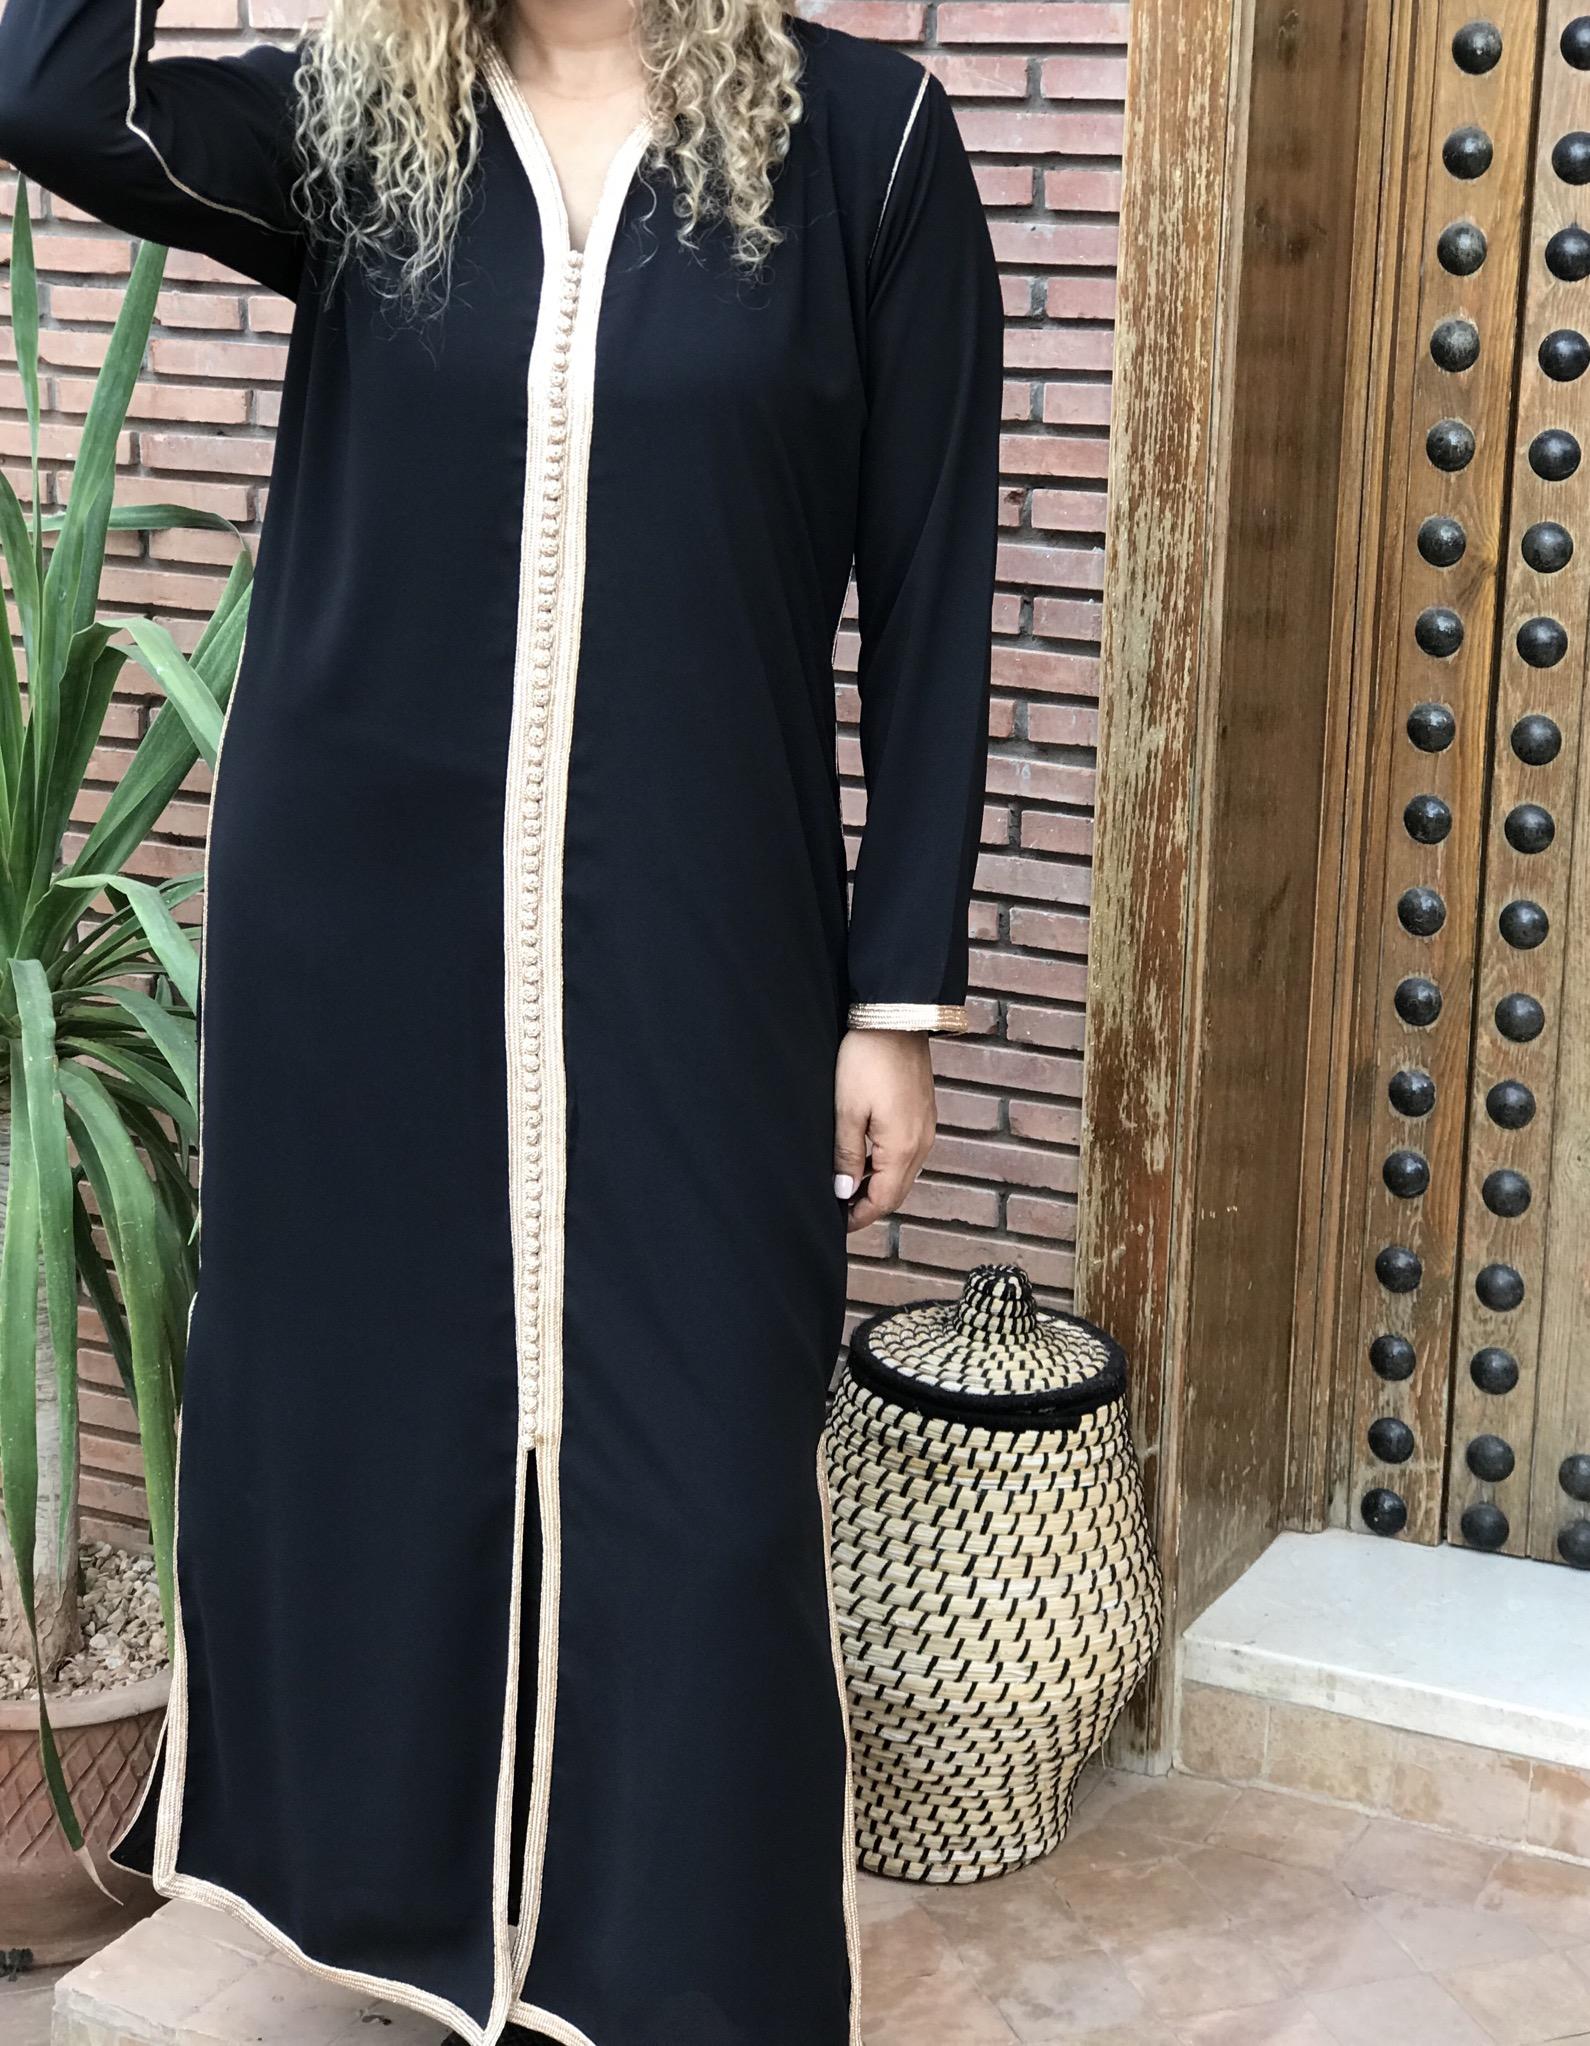 tunic 2pieces long mousseline de soie black with bronze sfifa